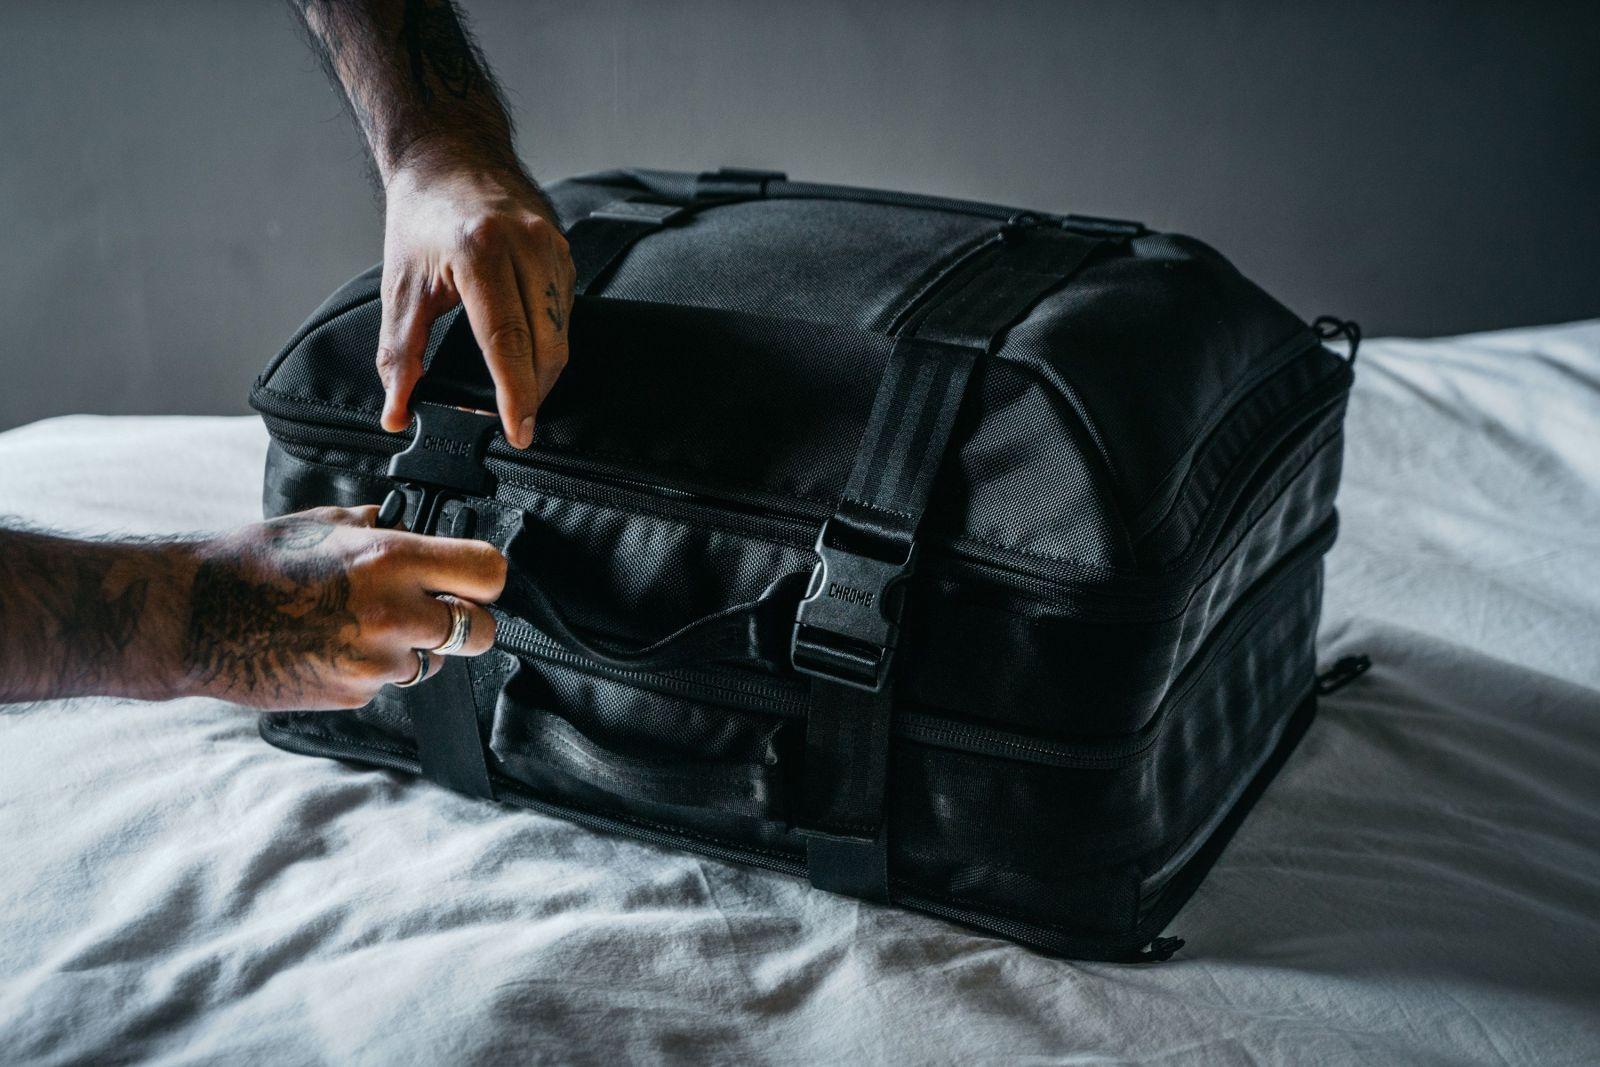 51668e2a5 Notebook, ešus, ale aj rezeň len tak s chlebíkom. Do ktorého batohu ...